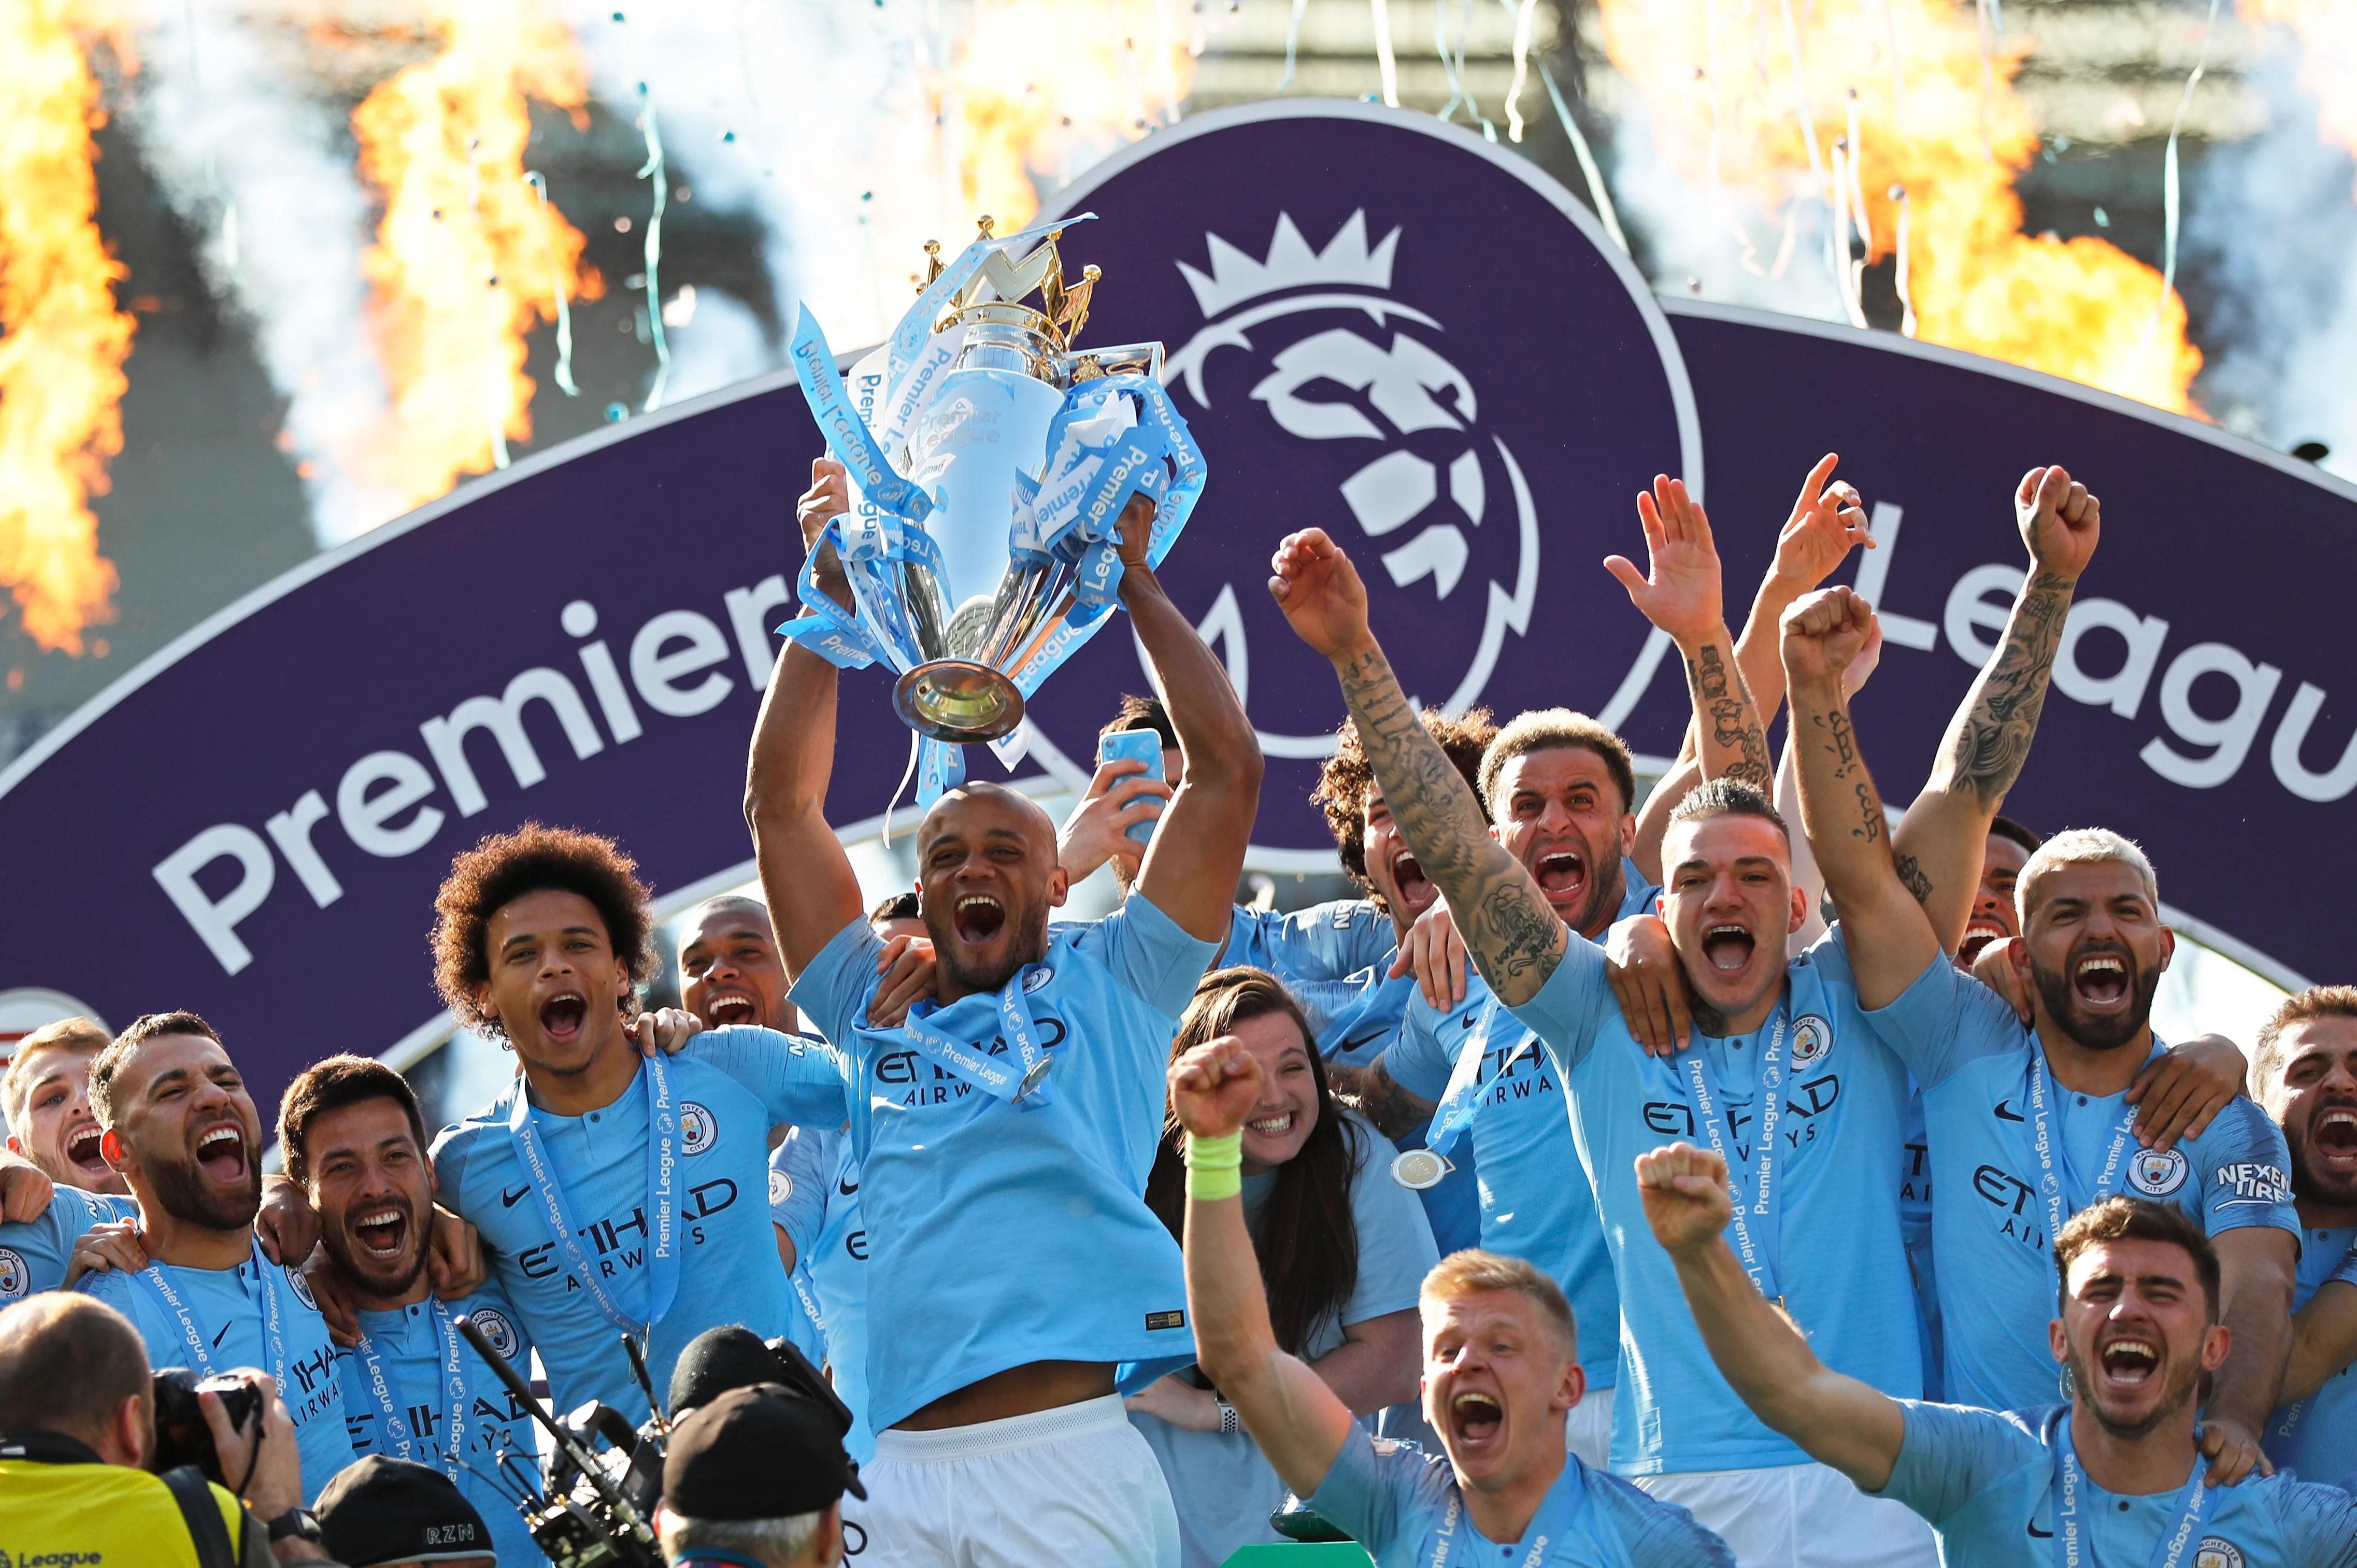 Manchester City Wins Second Straight Premier League Title